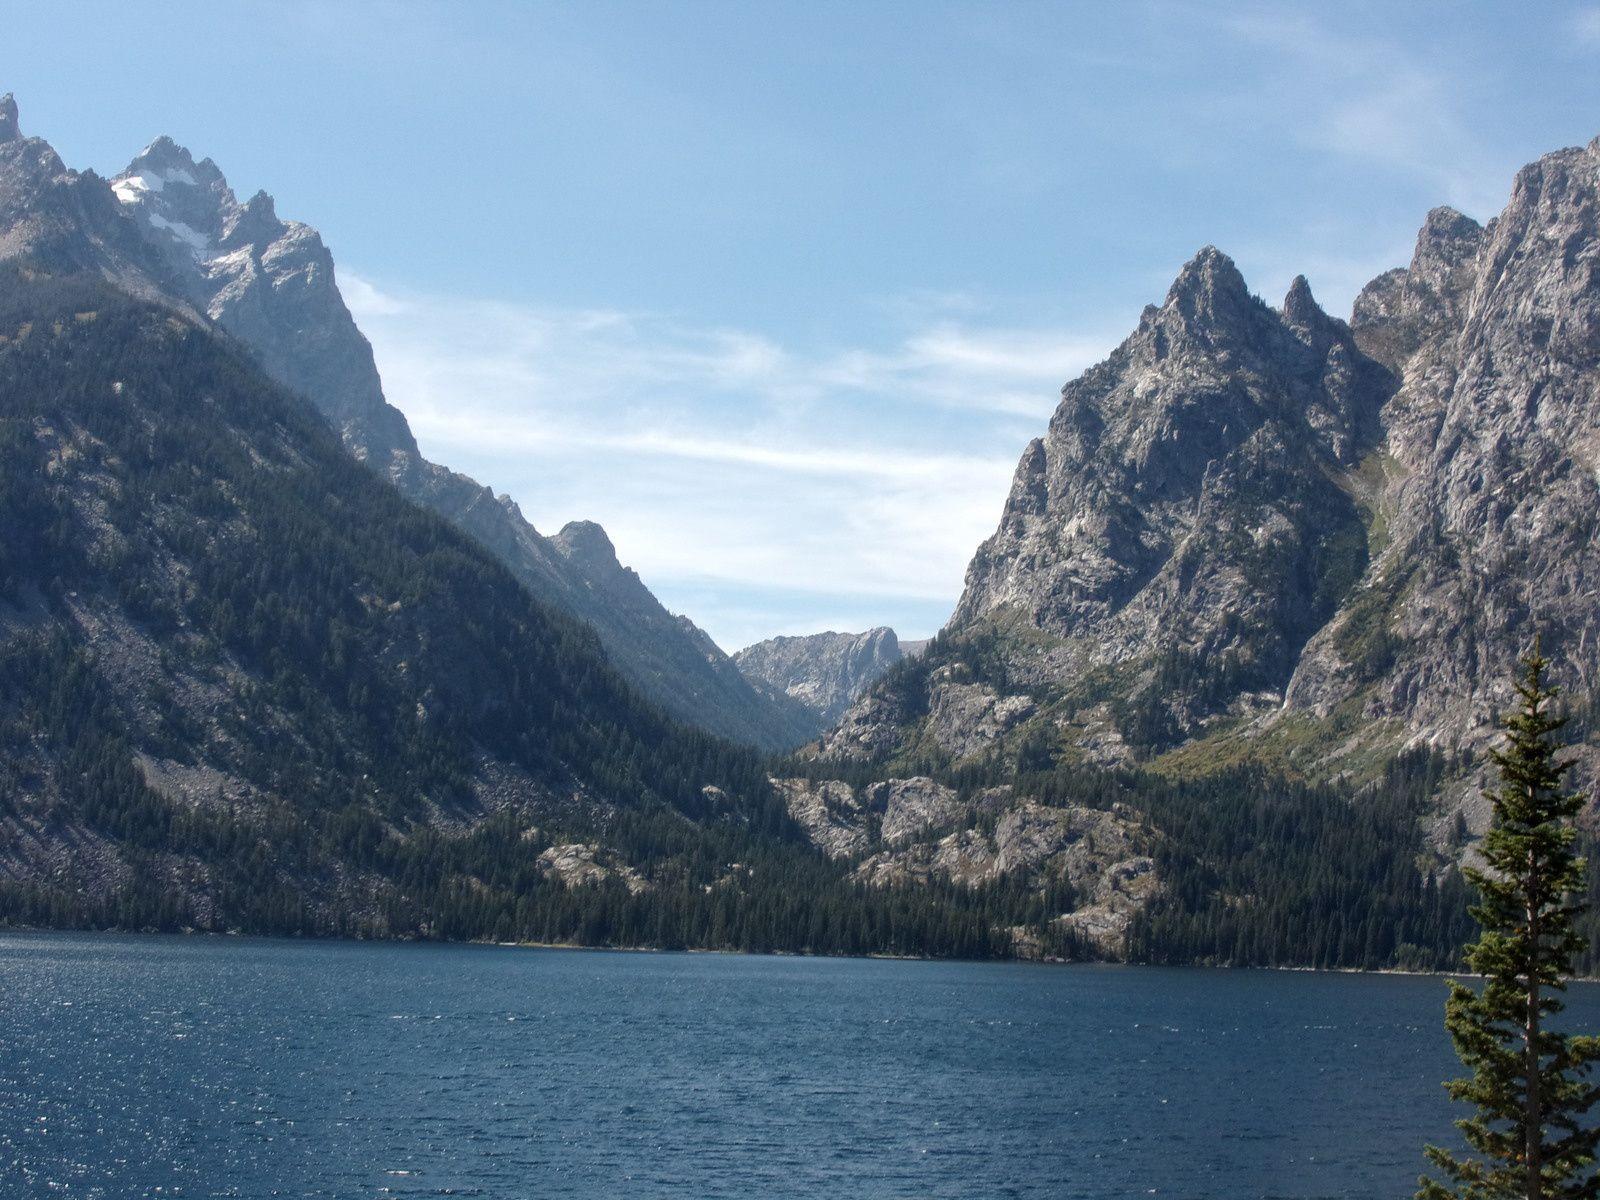 Voyage en Amérique… De Idaho Falls à Jackson Hole puis Grand Teton Park et retour à Idaho Falls